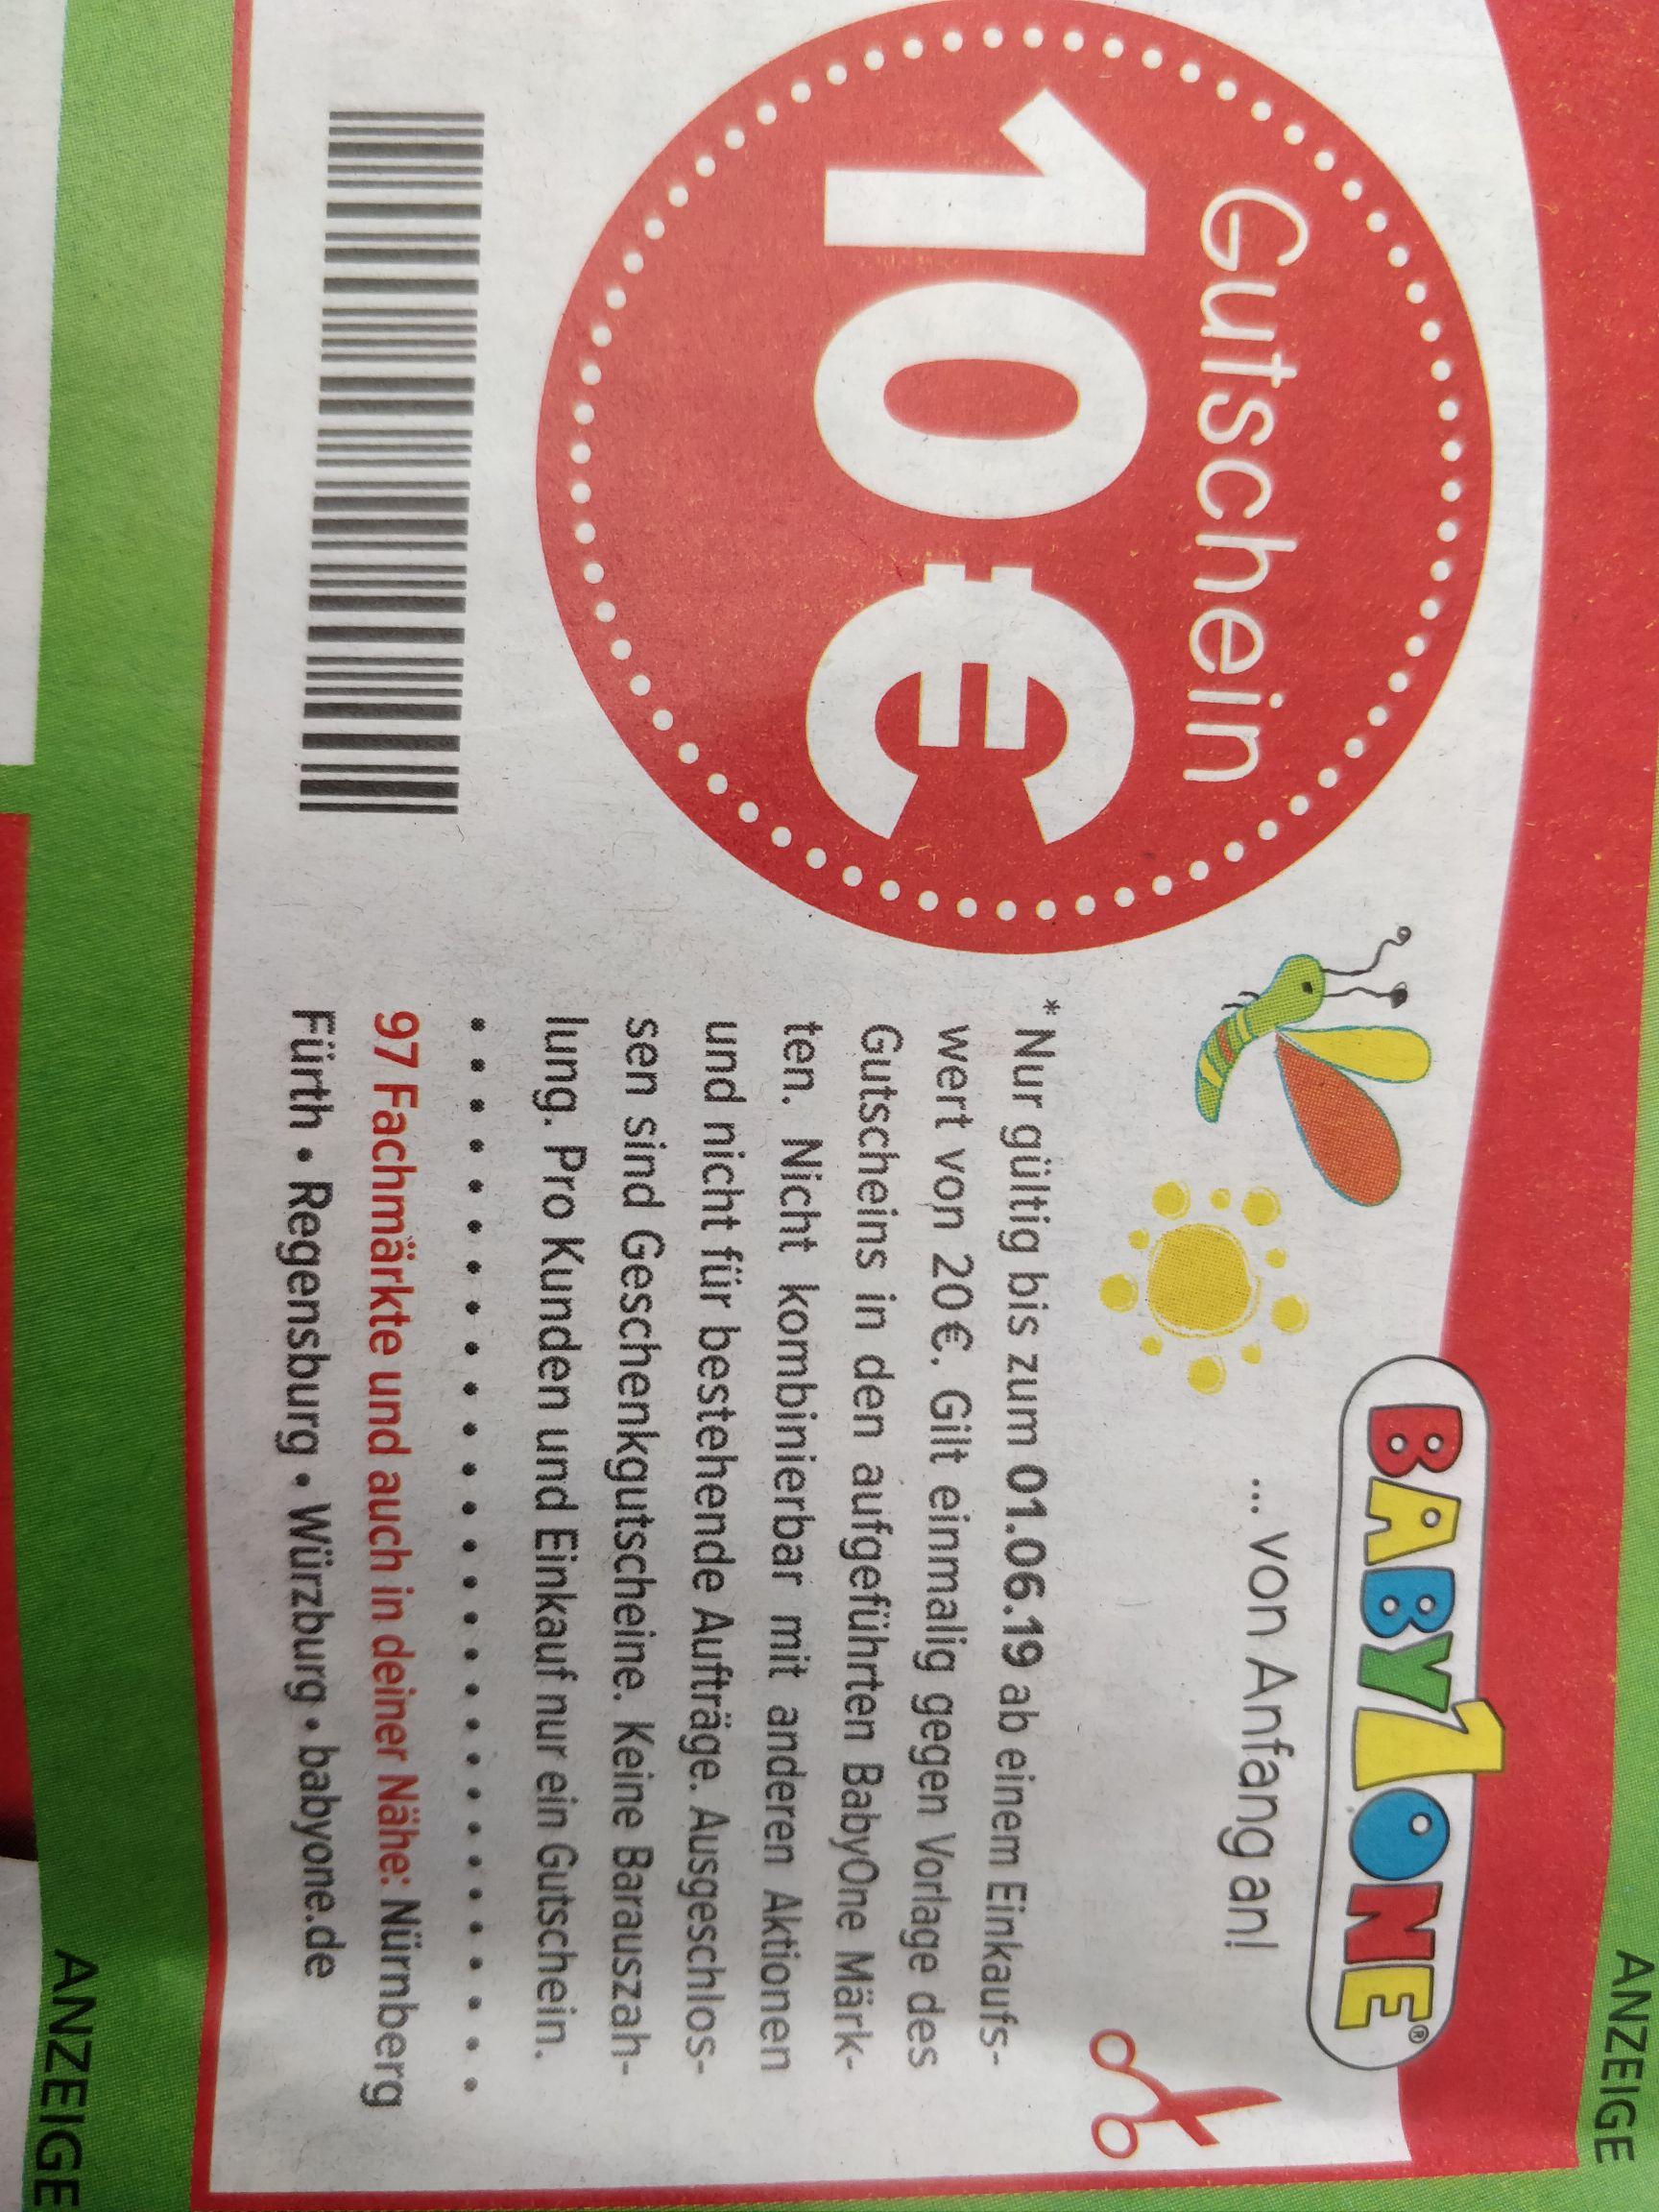 BabyOne 10€-Gutschein in der Einkaufaktuell, für Regionen Nürnberg, Fürth, Regensburg und Würzburg